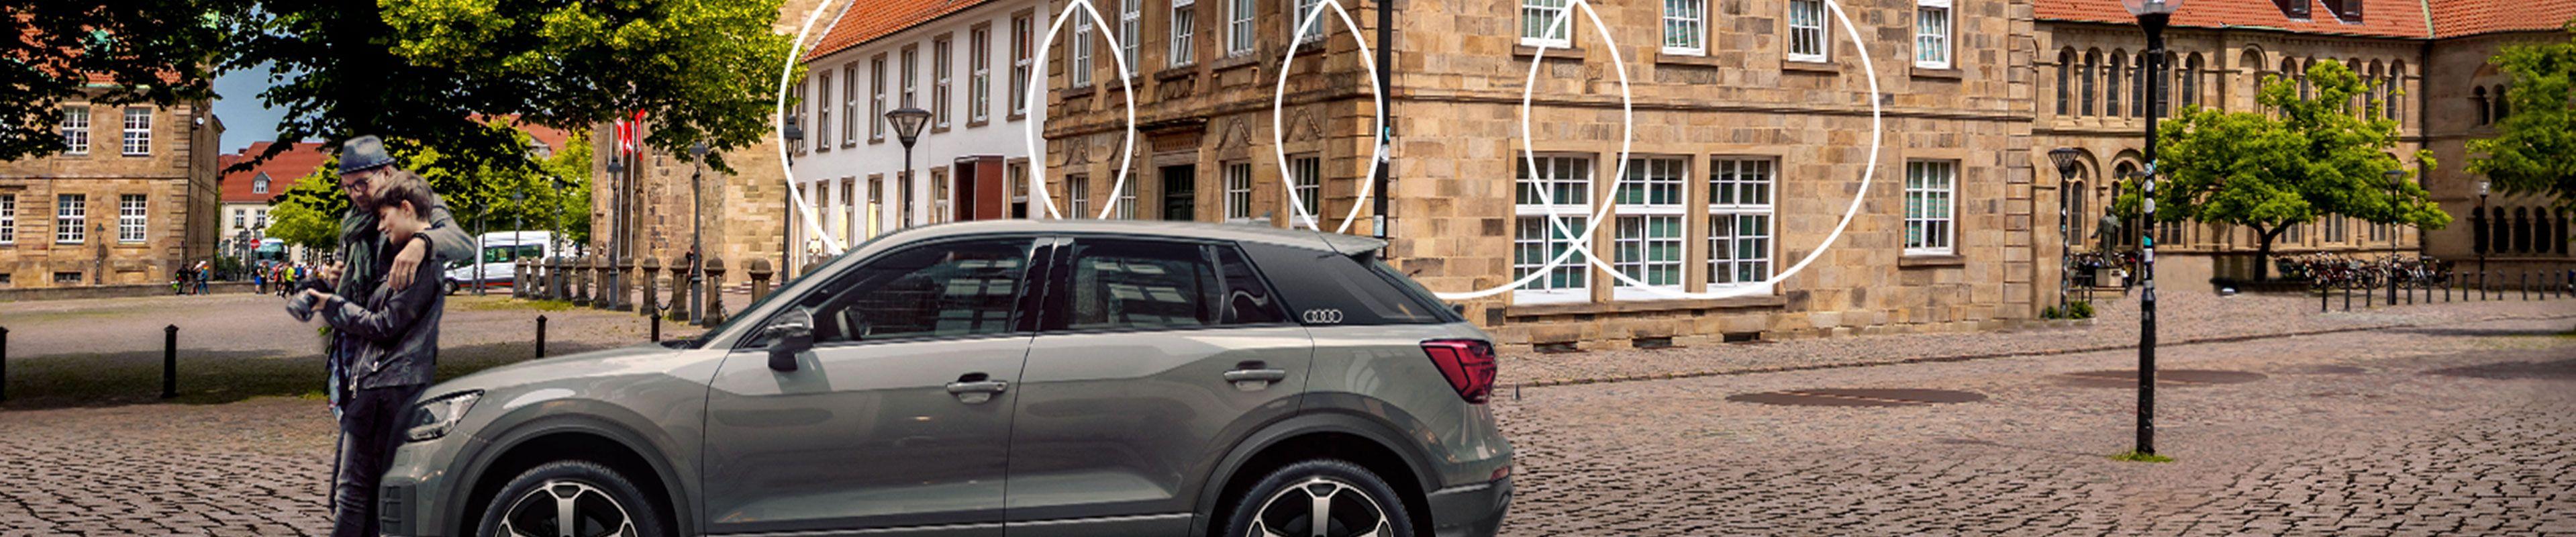 STARKE_Header_Audi_Mietwagen